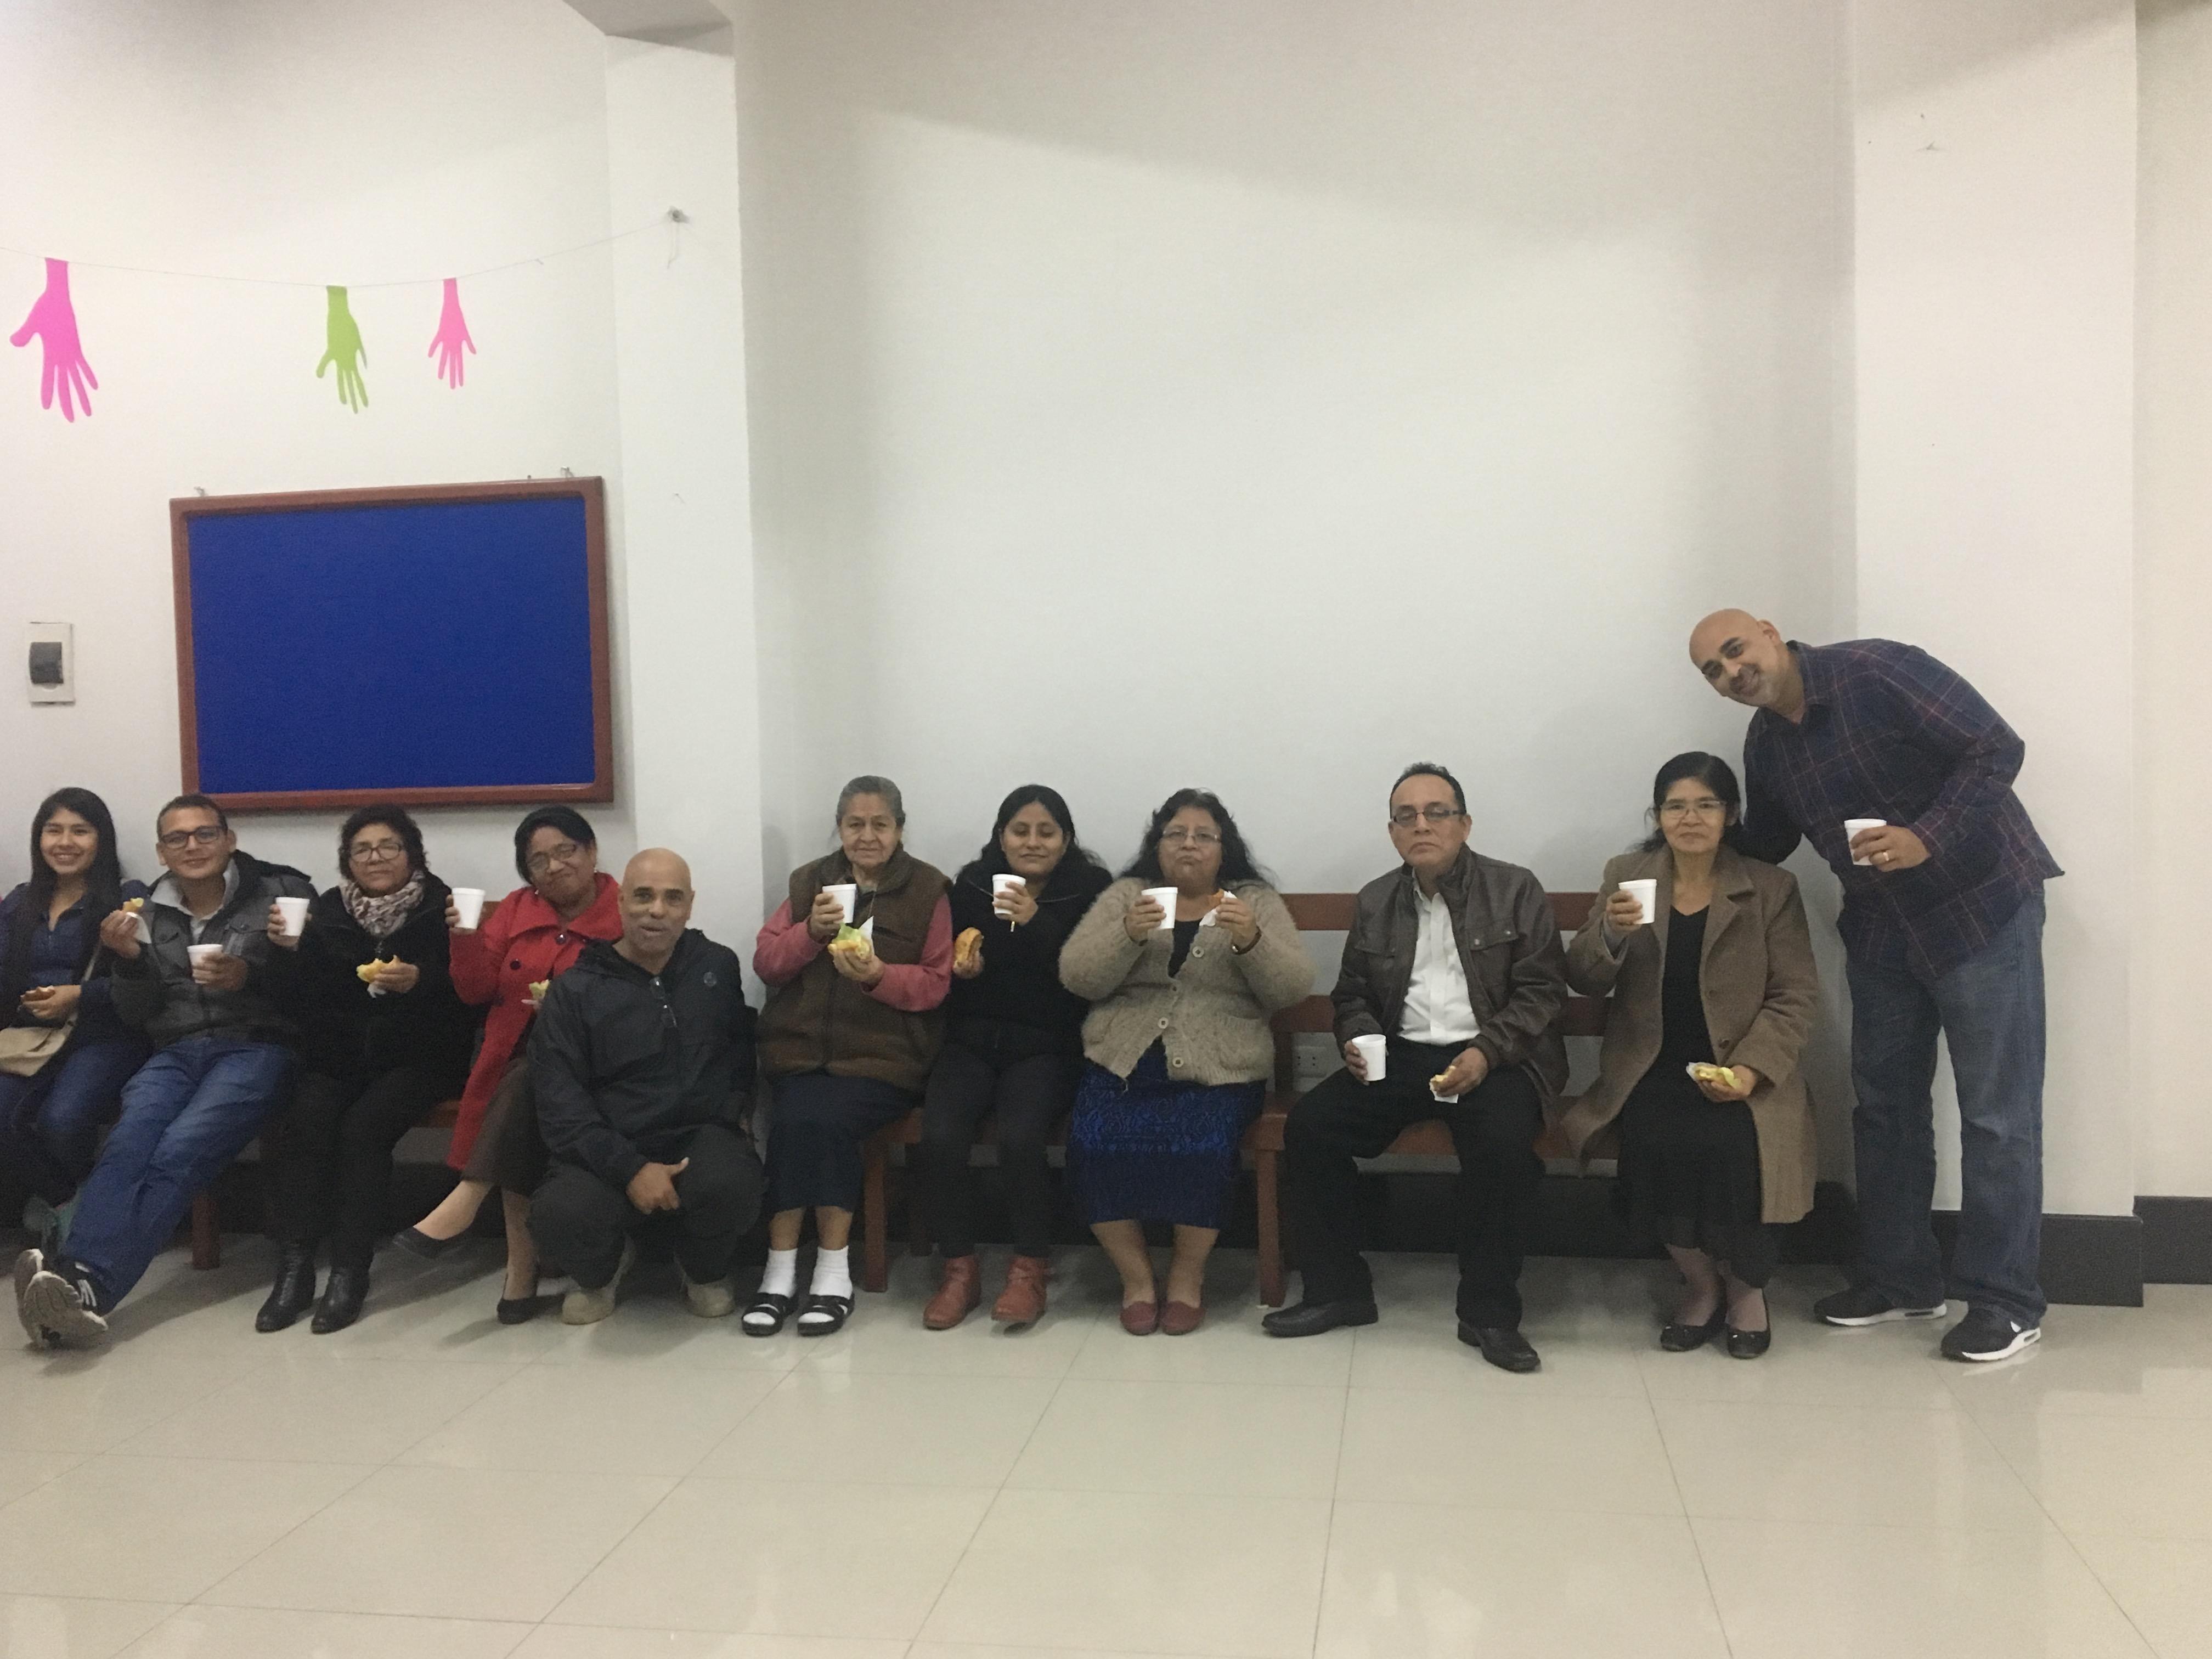 Barranca Peru